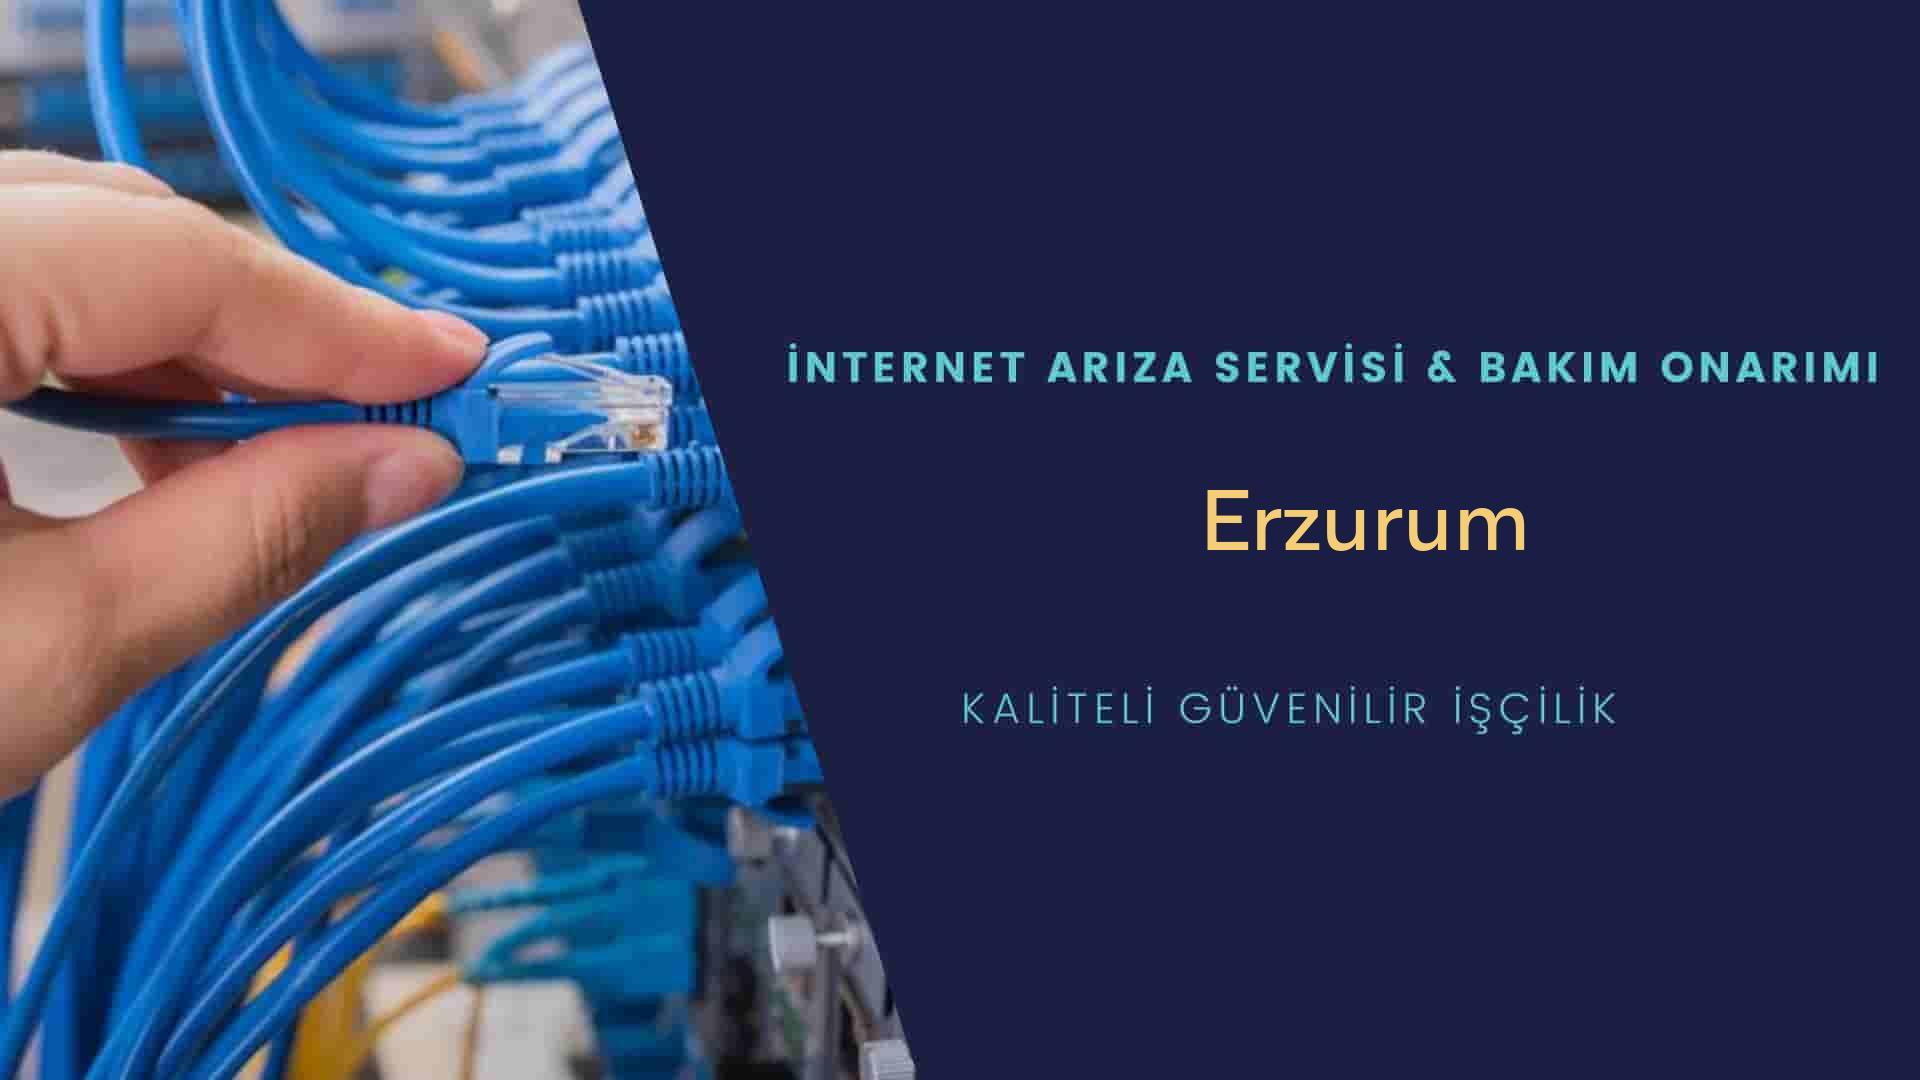 Erzurum internet kablosu çekimi yapan yerler veya elektrikçiler mi? arıyorsunuz doğru yerdesiniz o zaman sizlere 7/24 yardımcı olacak profesyonel ustalarımız bir telefon kadar yakındır size.